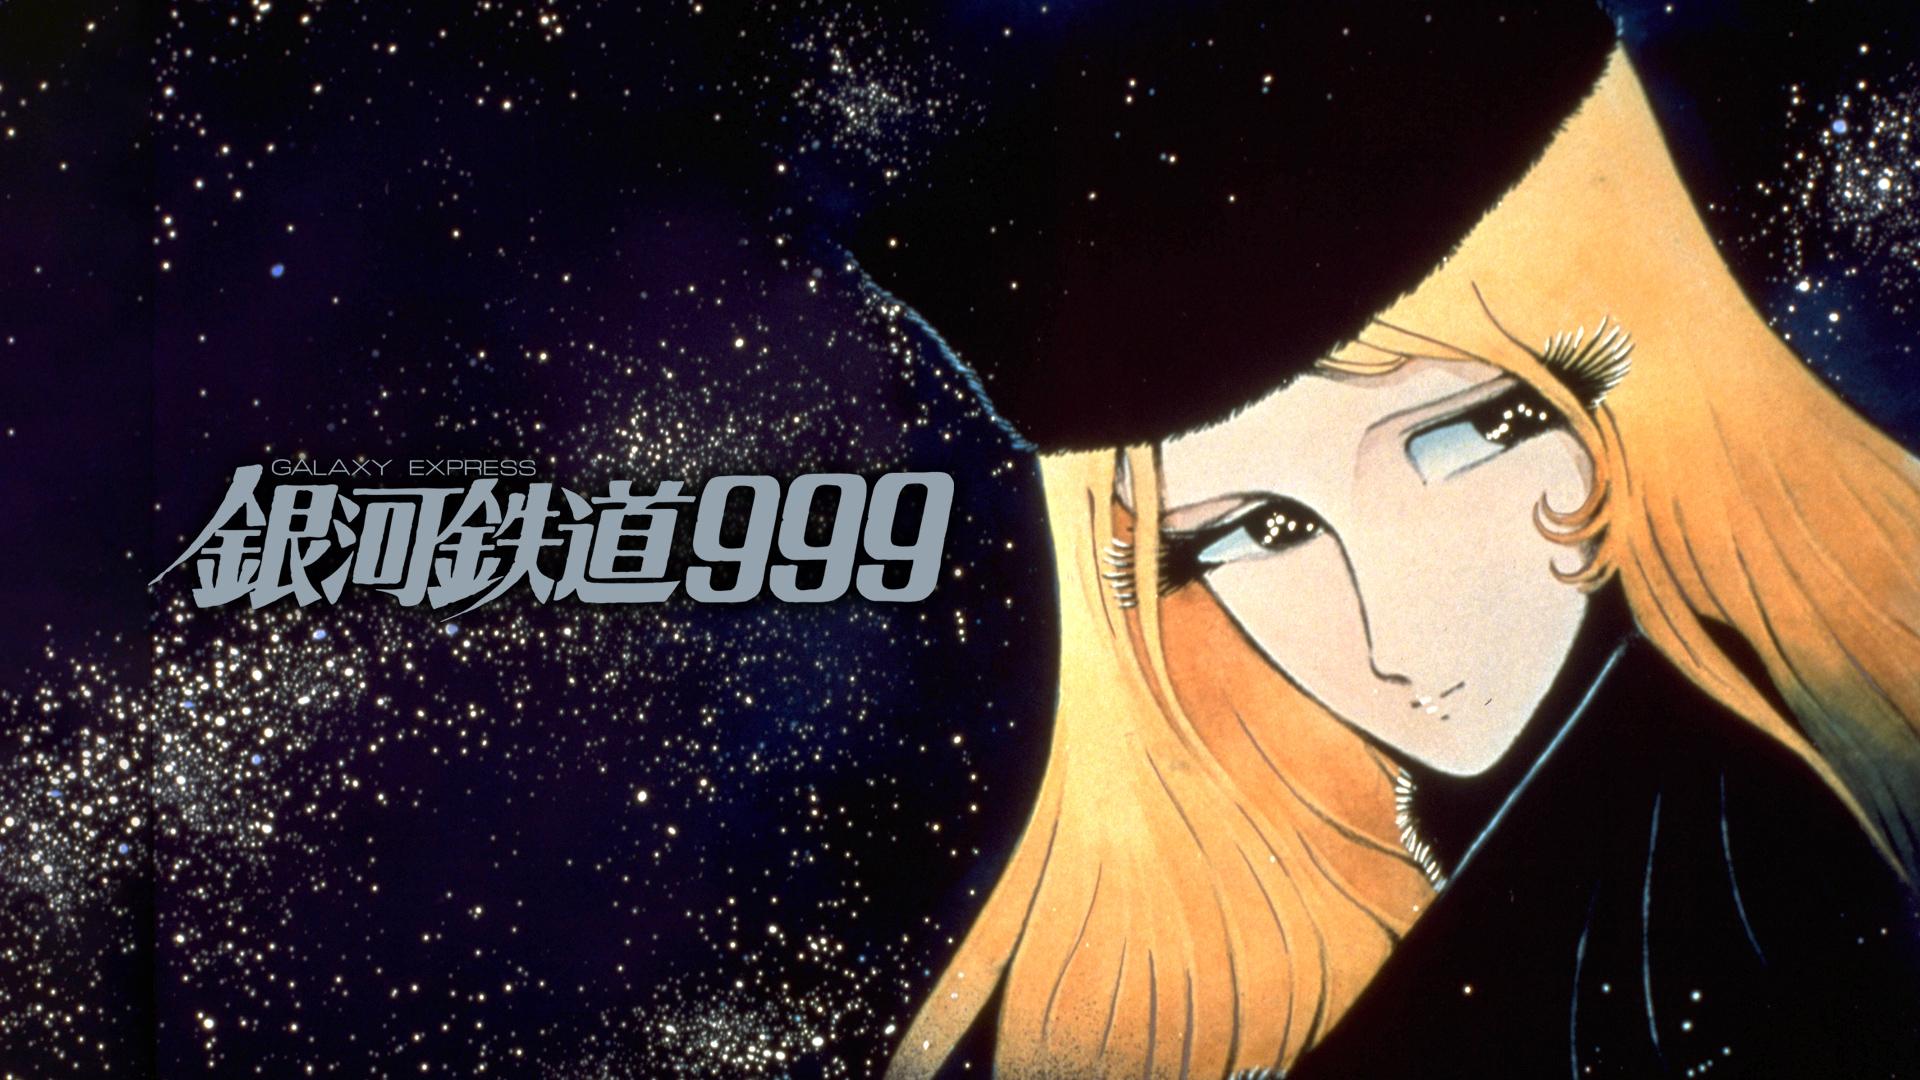 鉄道 999 銀河